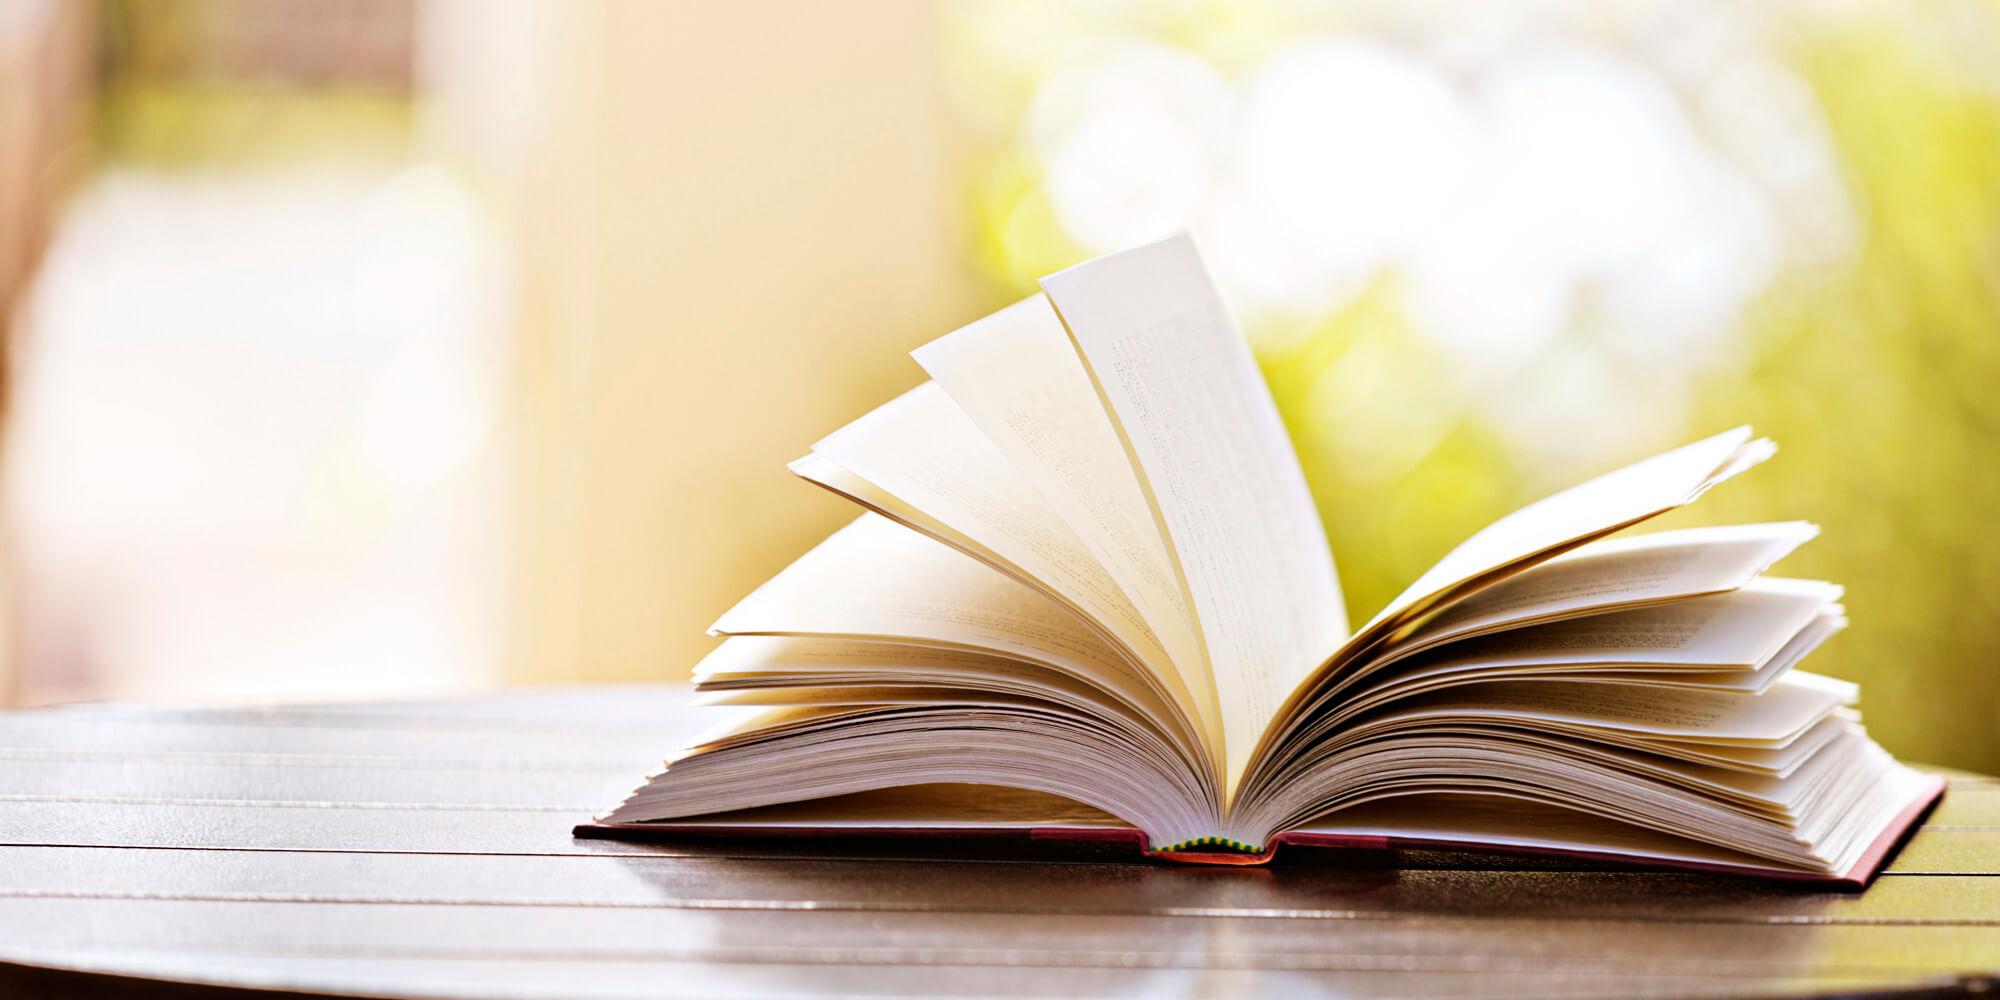 Tiga Hal Penting Saat Cetak Buku Judi Online; Sering Lupa Padahal Penting